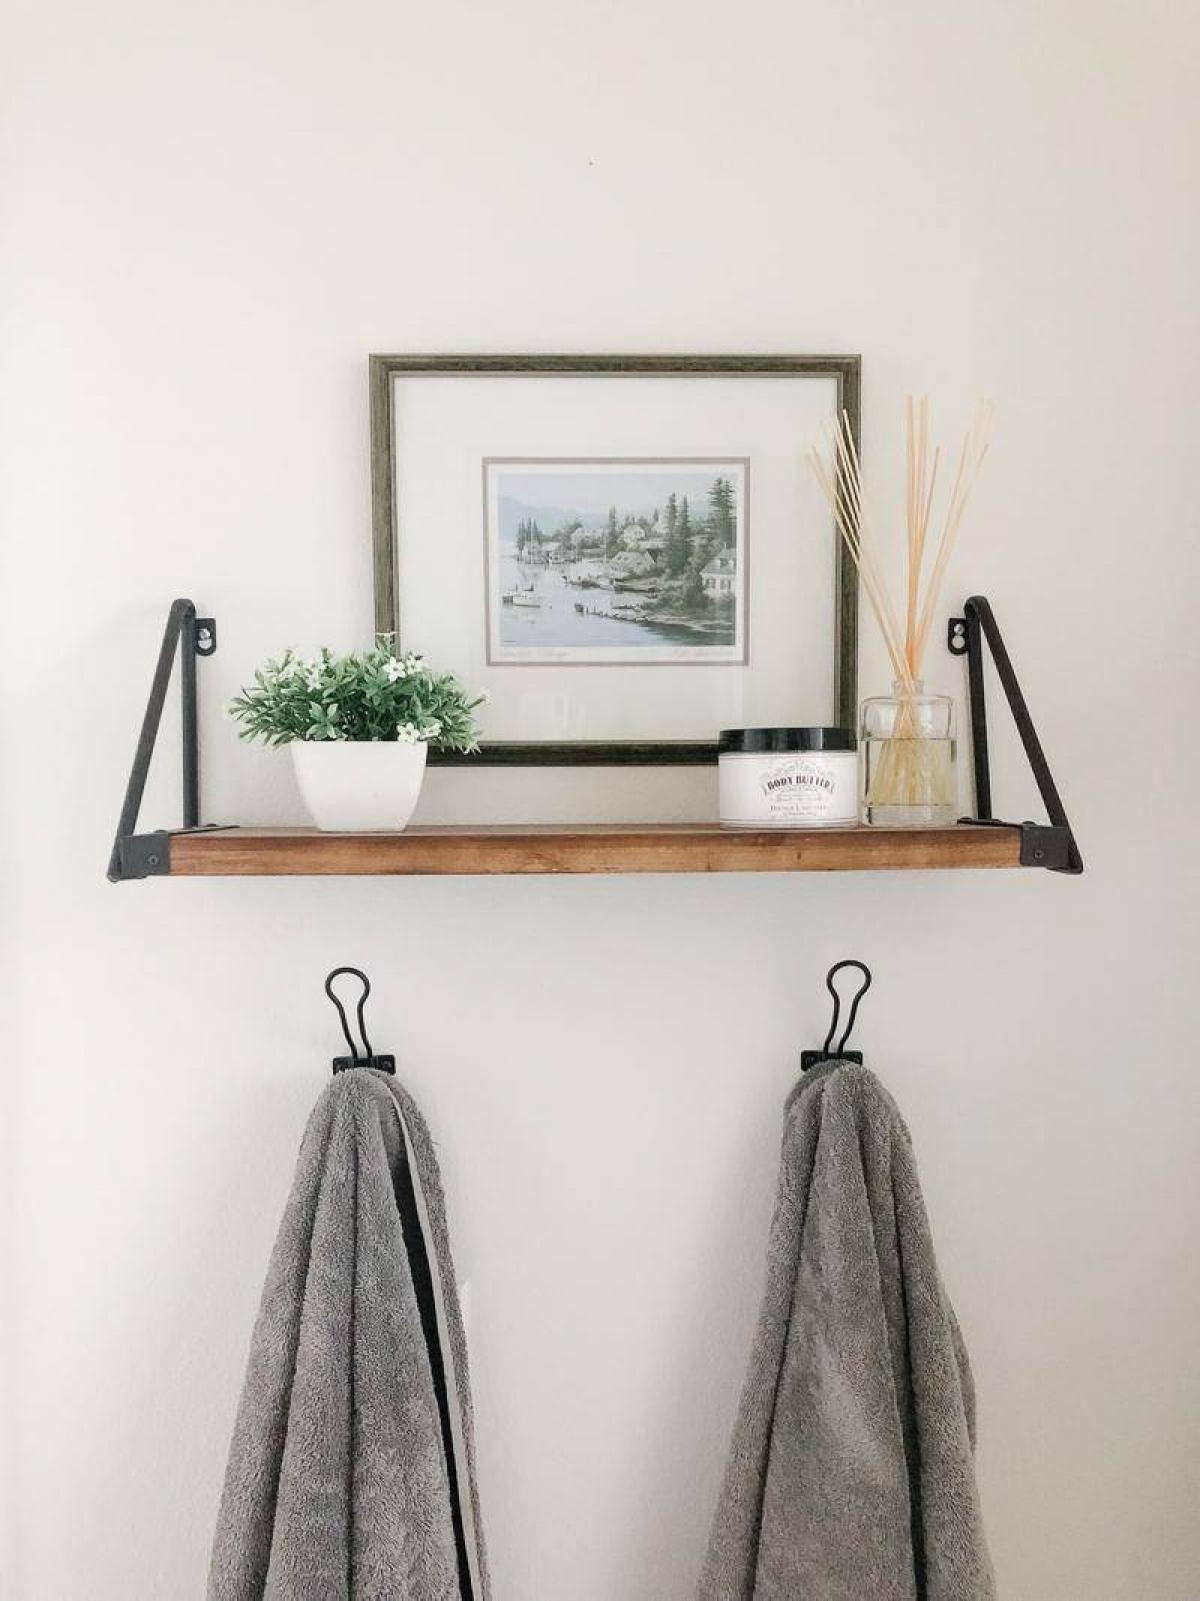 Trang trí thêm một số tác phẩm nghệ thuật treo tường cũng là cách để phòng tắm nhà bạn thêm sinh động, tinh tế hơn.